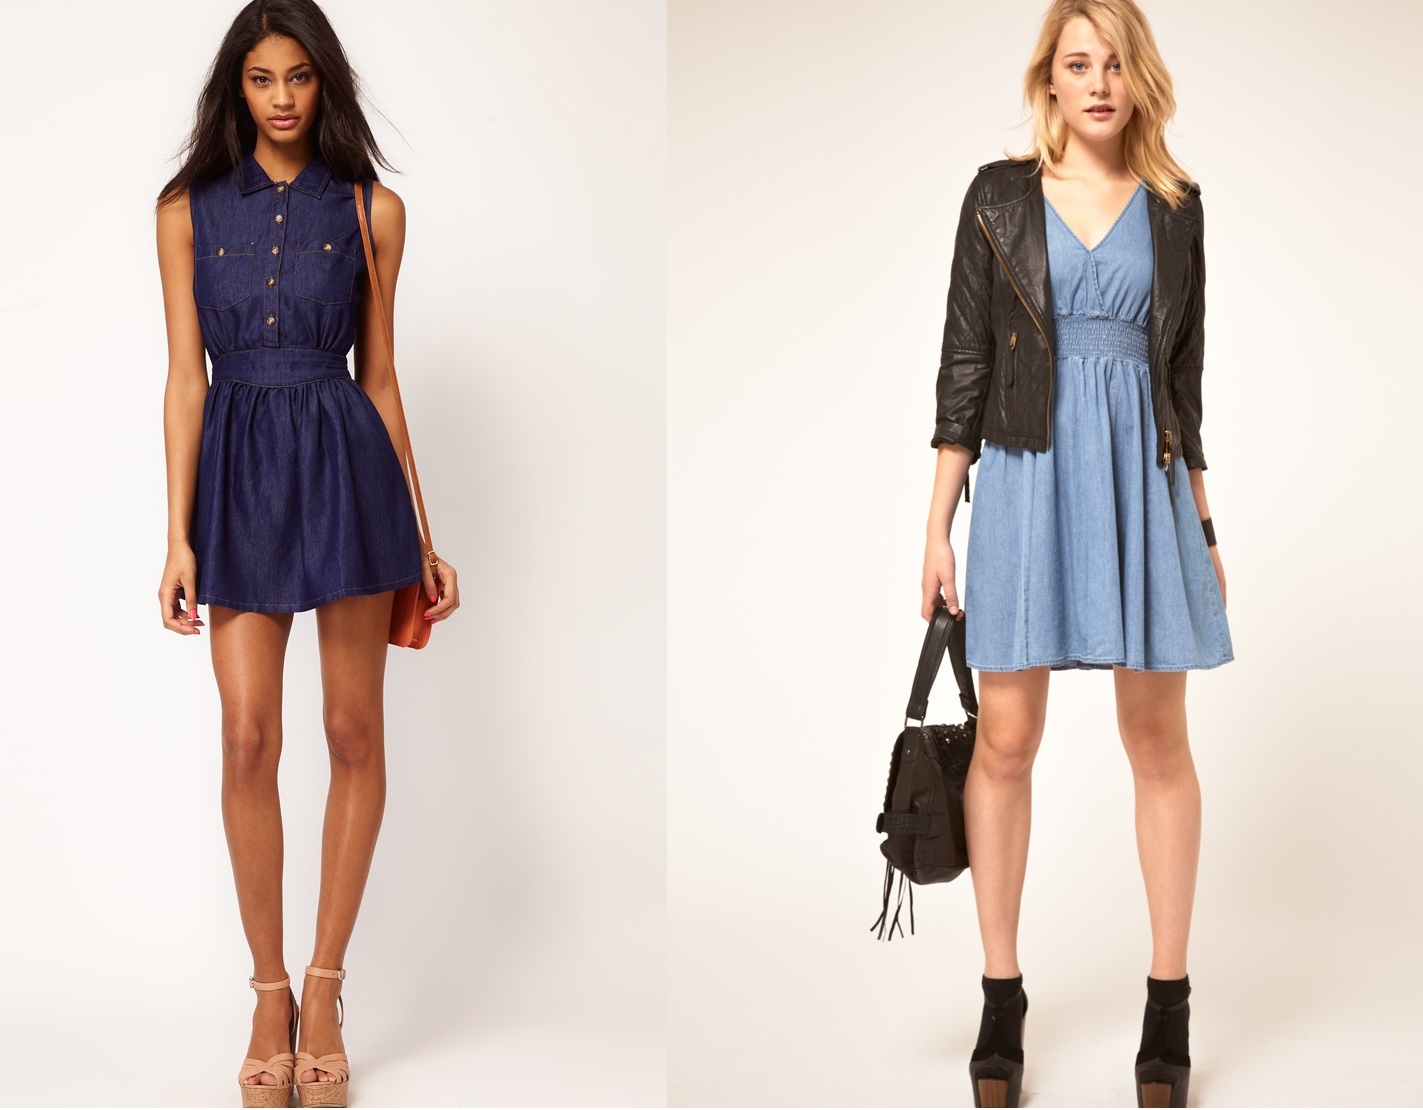 Купить джинсовое платье или юбку